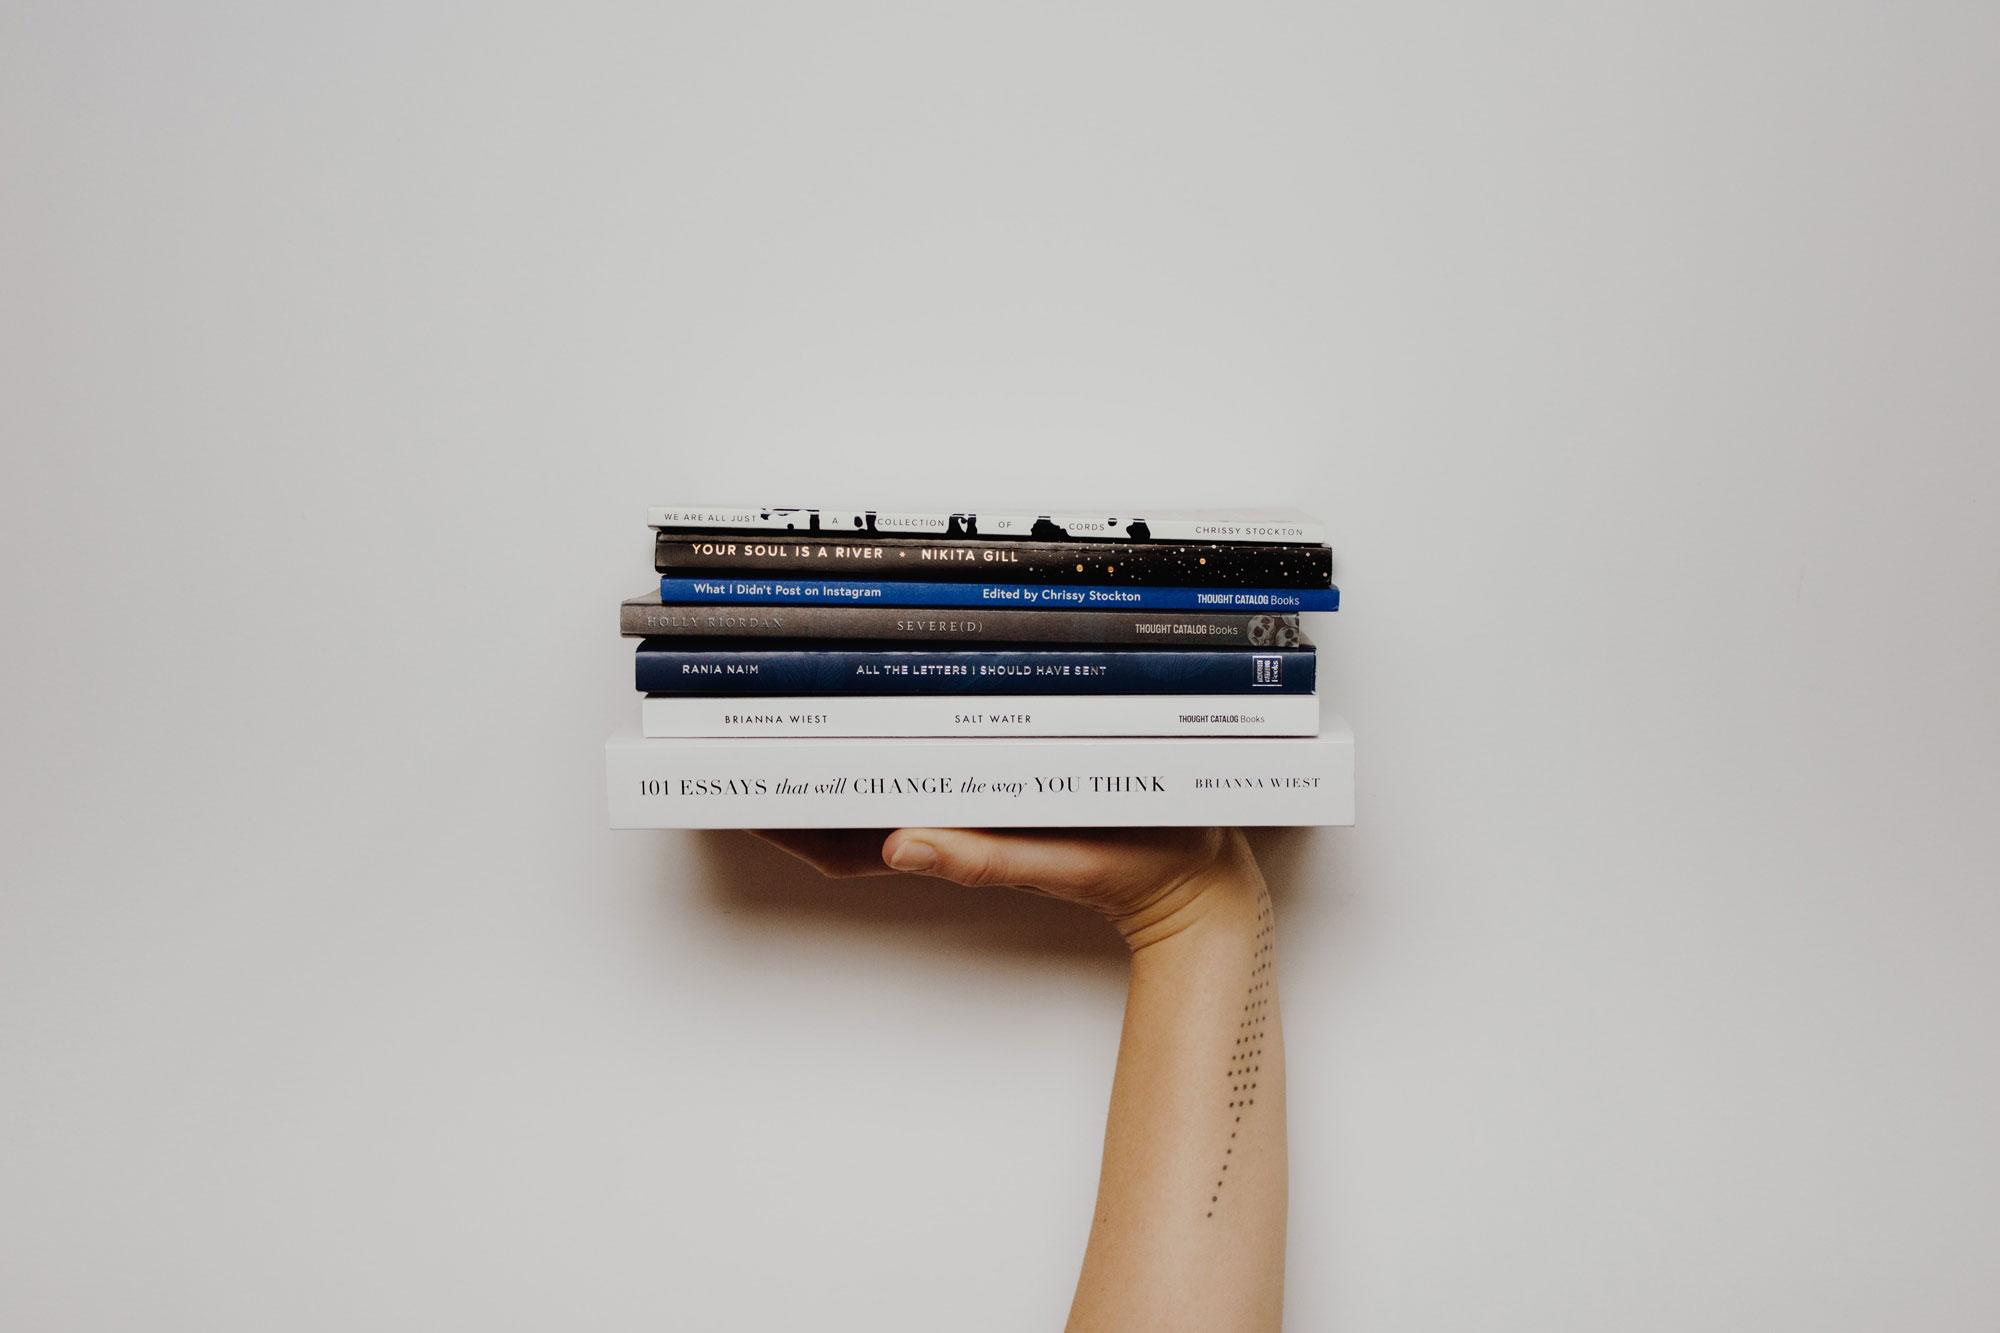 Bücher von Self-Publishern